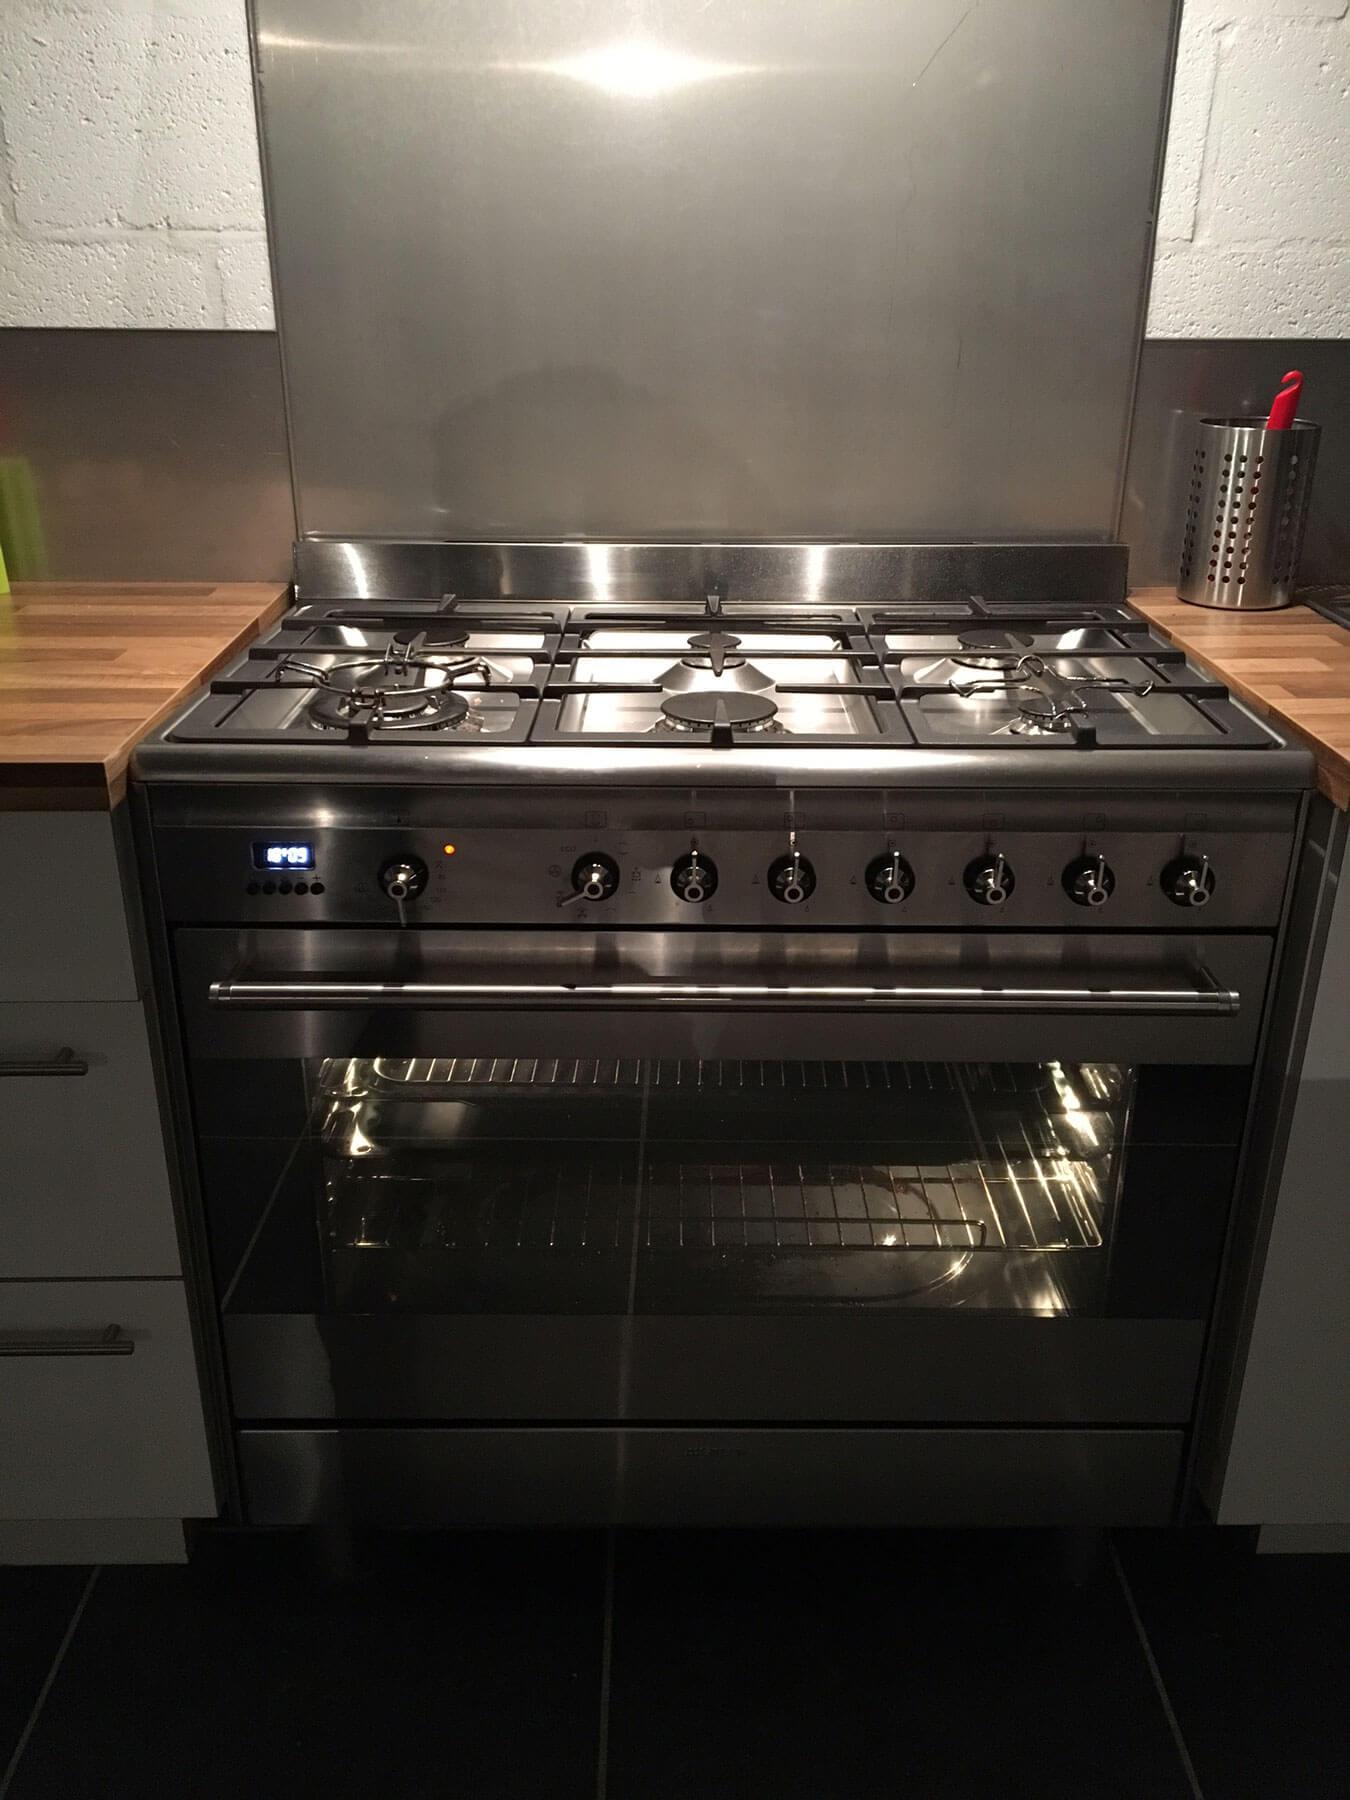 gasfornuis met grote oven